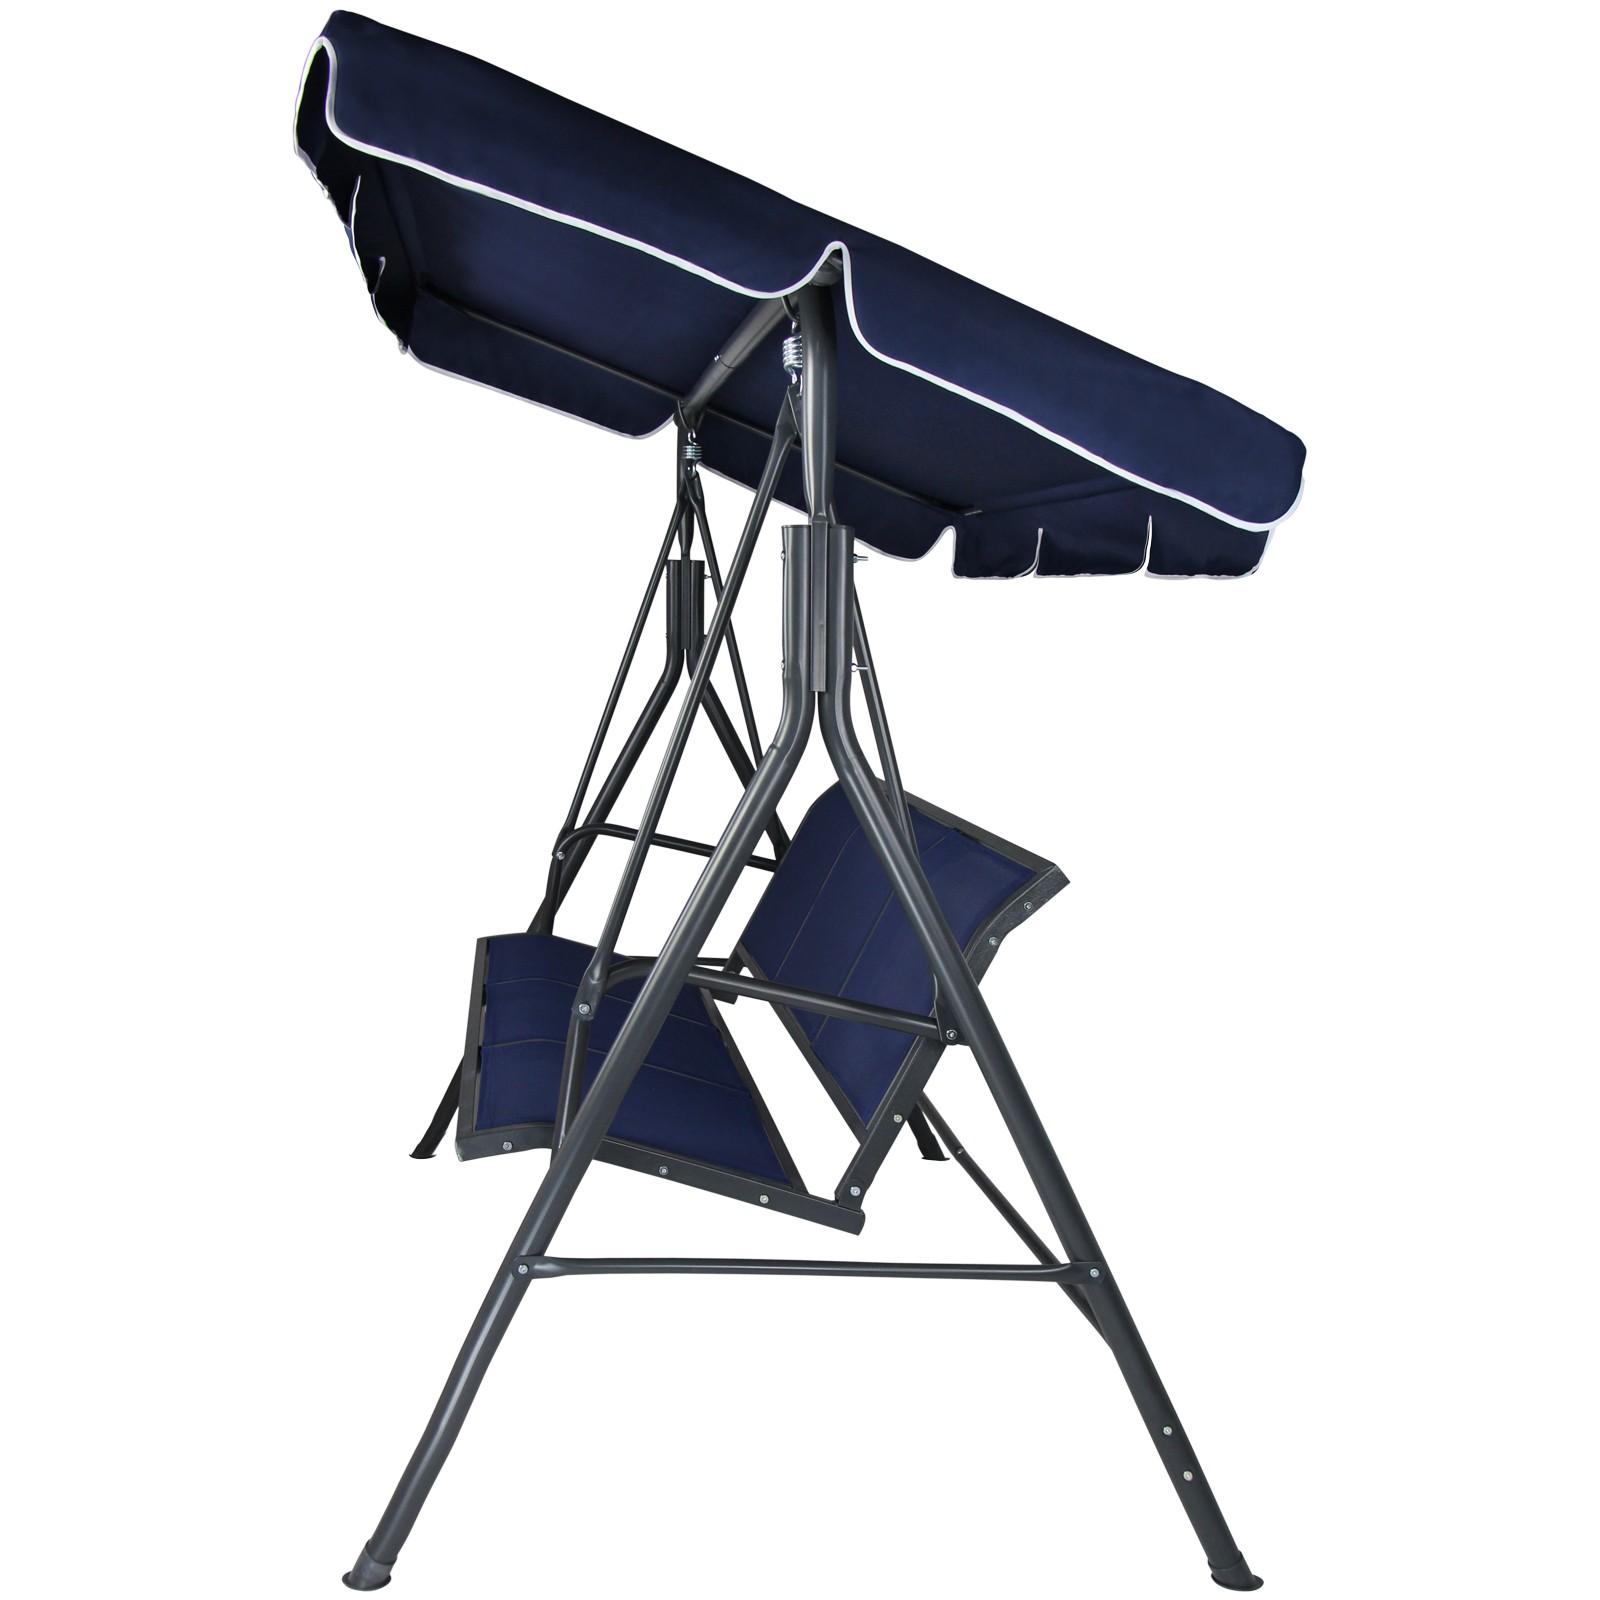 3 sitzer hollywoodschaukel bibione gartenschaukel gartenliege schaukel bb sport ebay. Black Bedroom Furniture Sets. Home Design Ideas